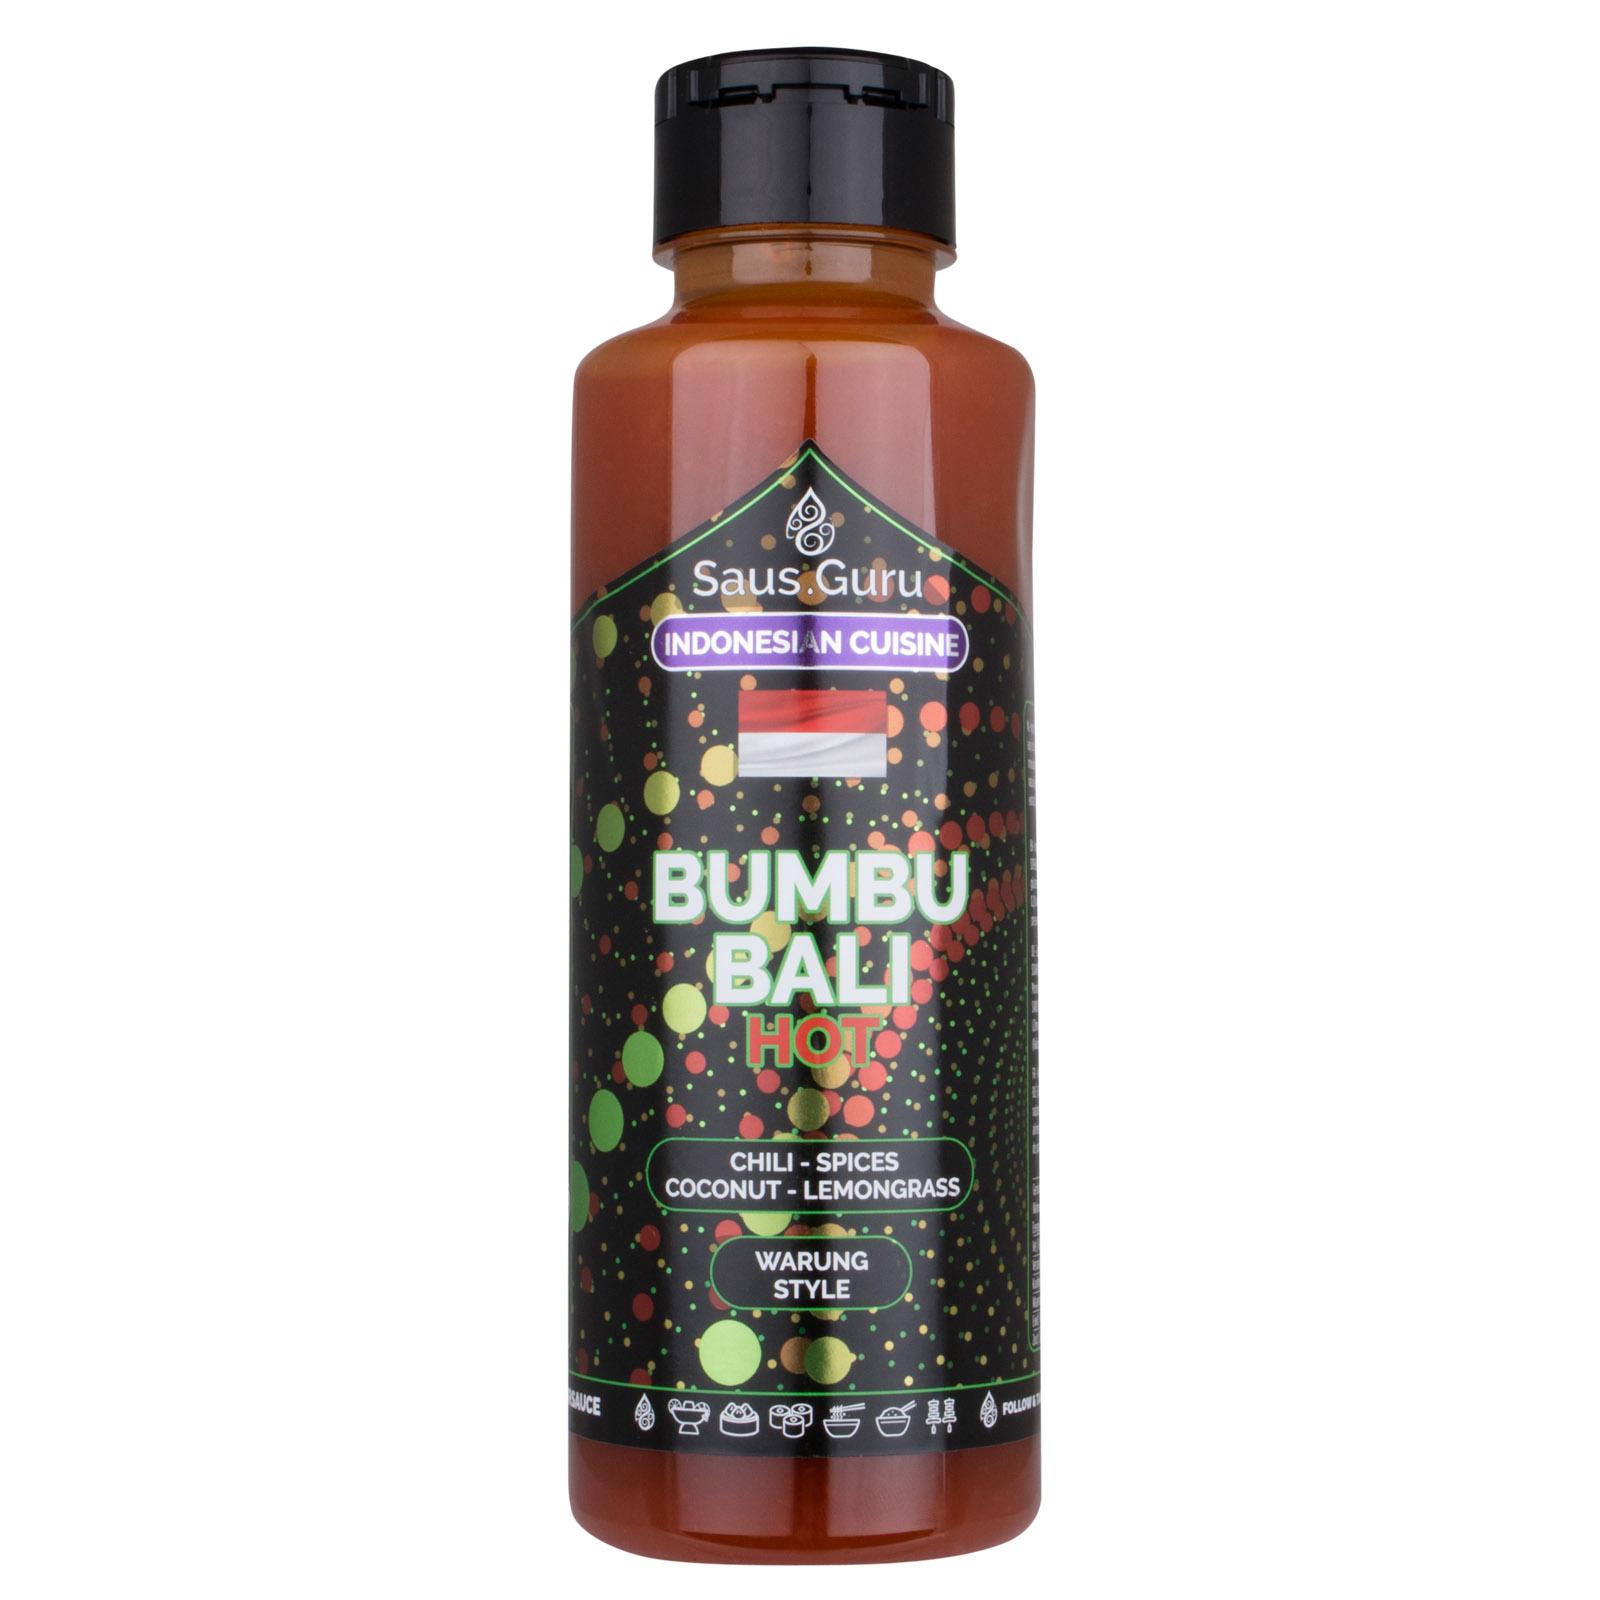 Saus.Guru's Bumbu Bali Hot-2